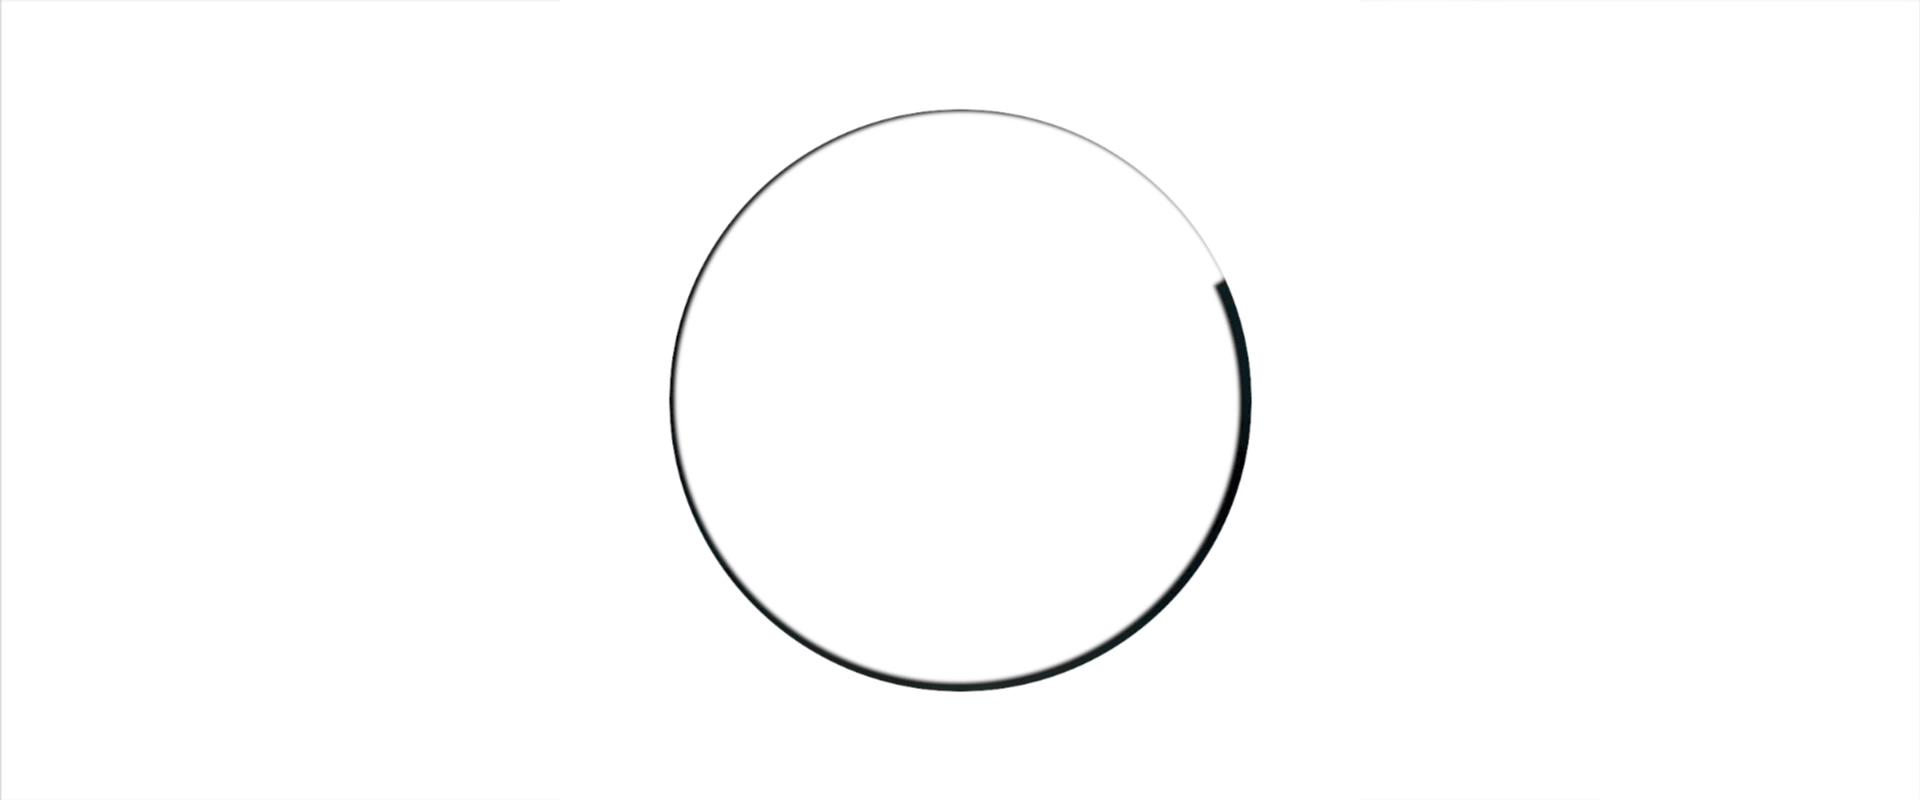 Cadesign Form - Just a fact_V3-thumb